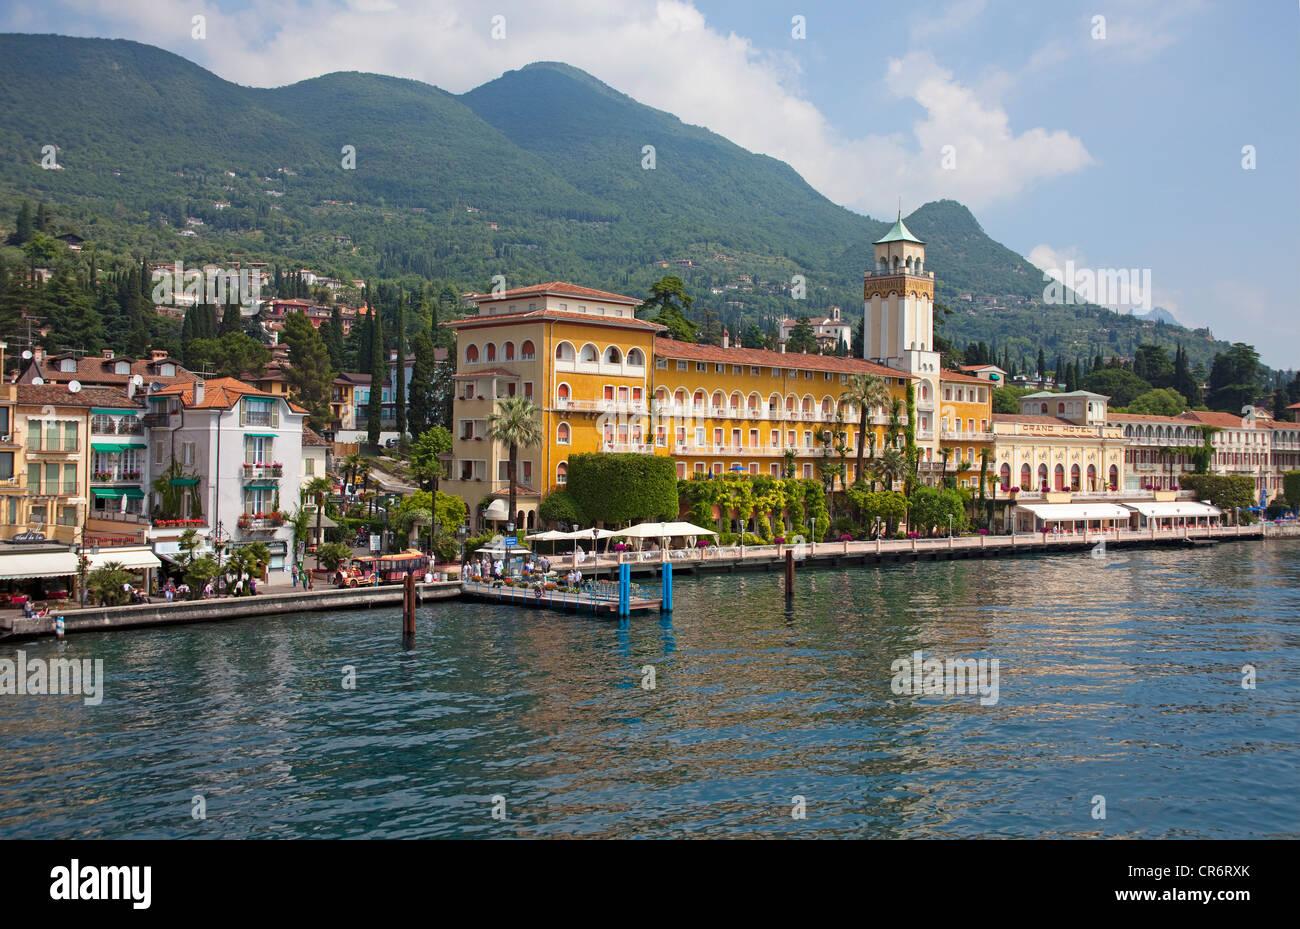 Grand Hotel Lake Garda Gardone Riviera